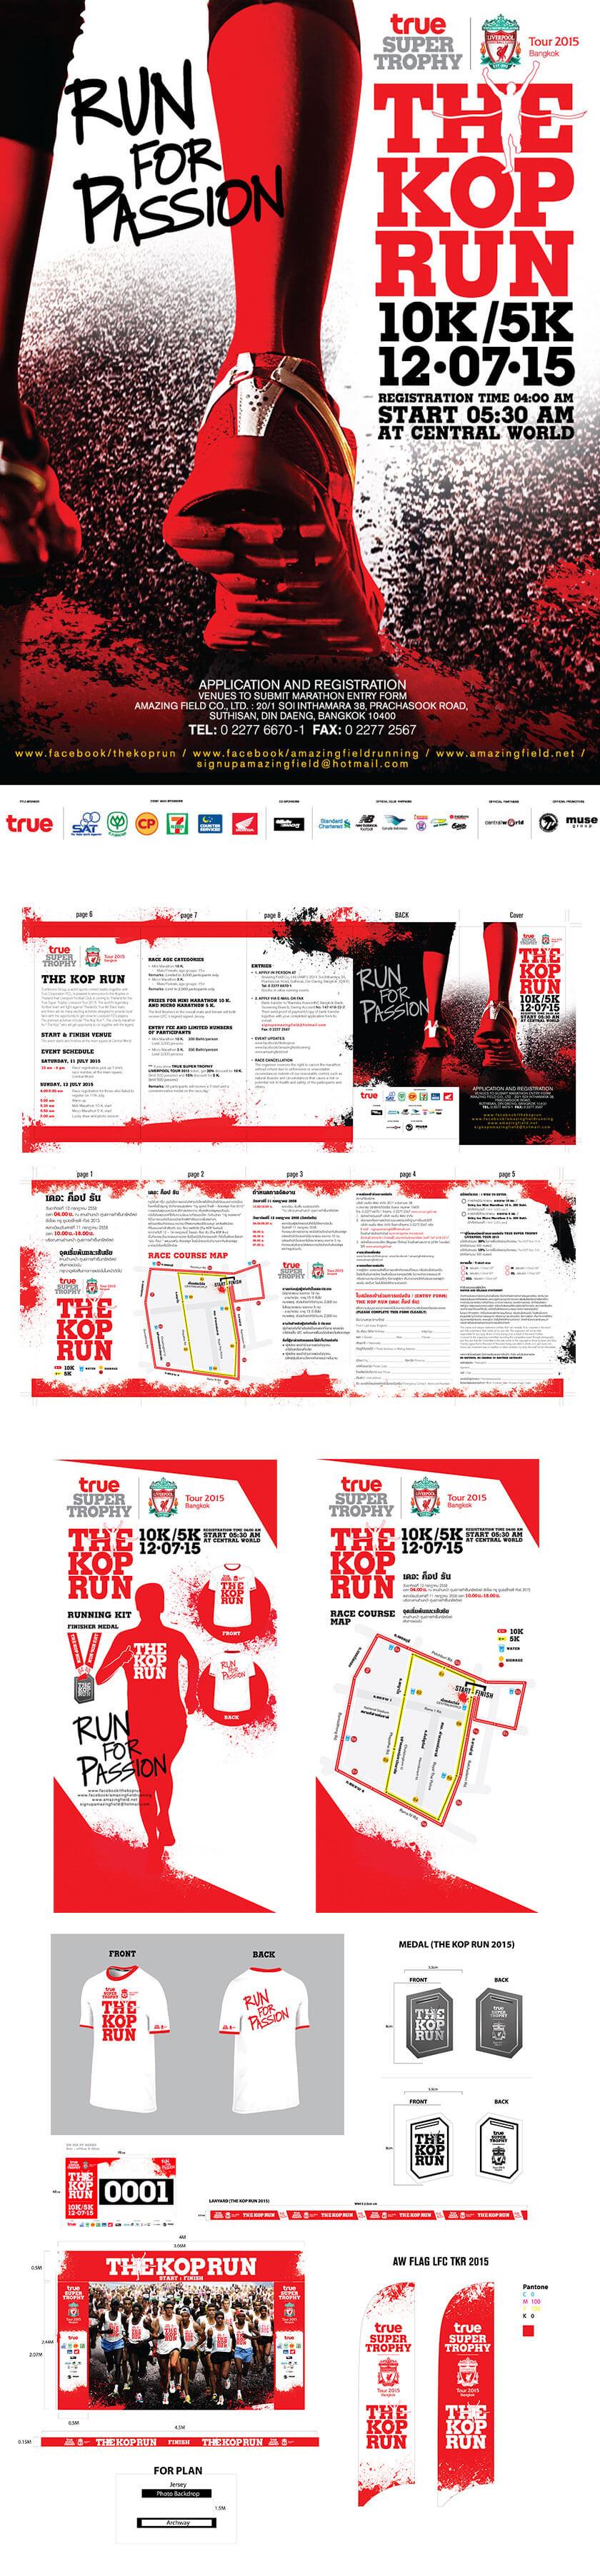 ออกแบบ Event ในงานวิ่ง 5K | MeDee - บริษัทรับทำเว็บไซต์ กราฟฟิกดีไซน์